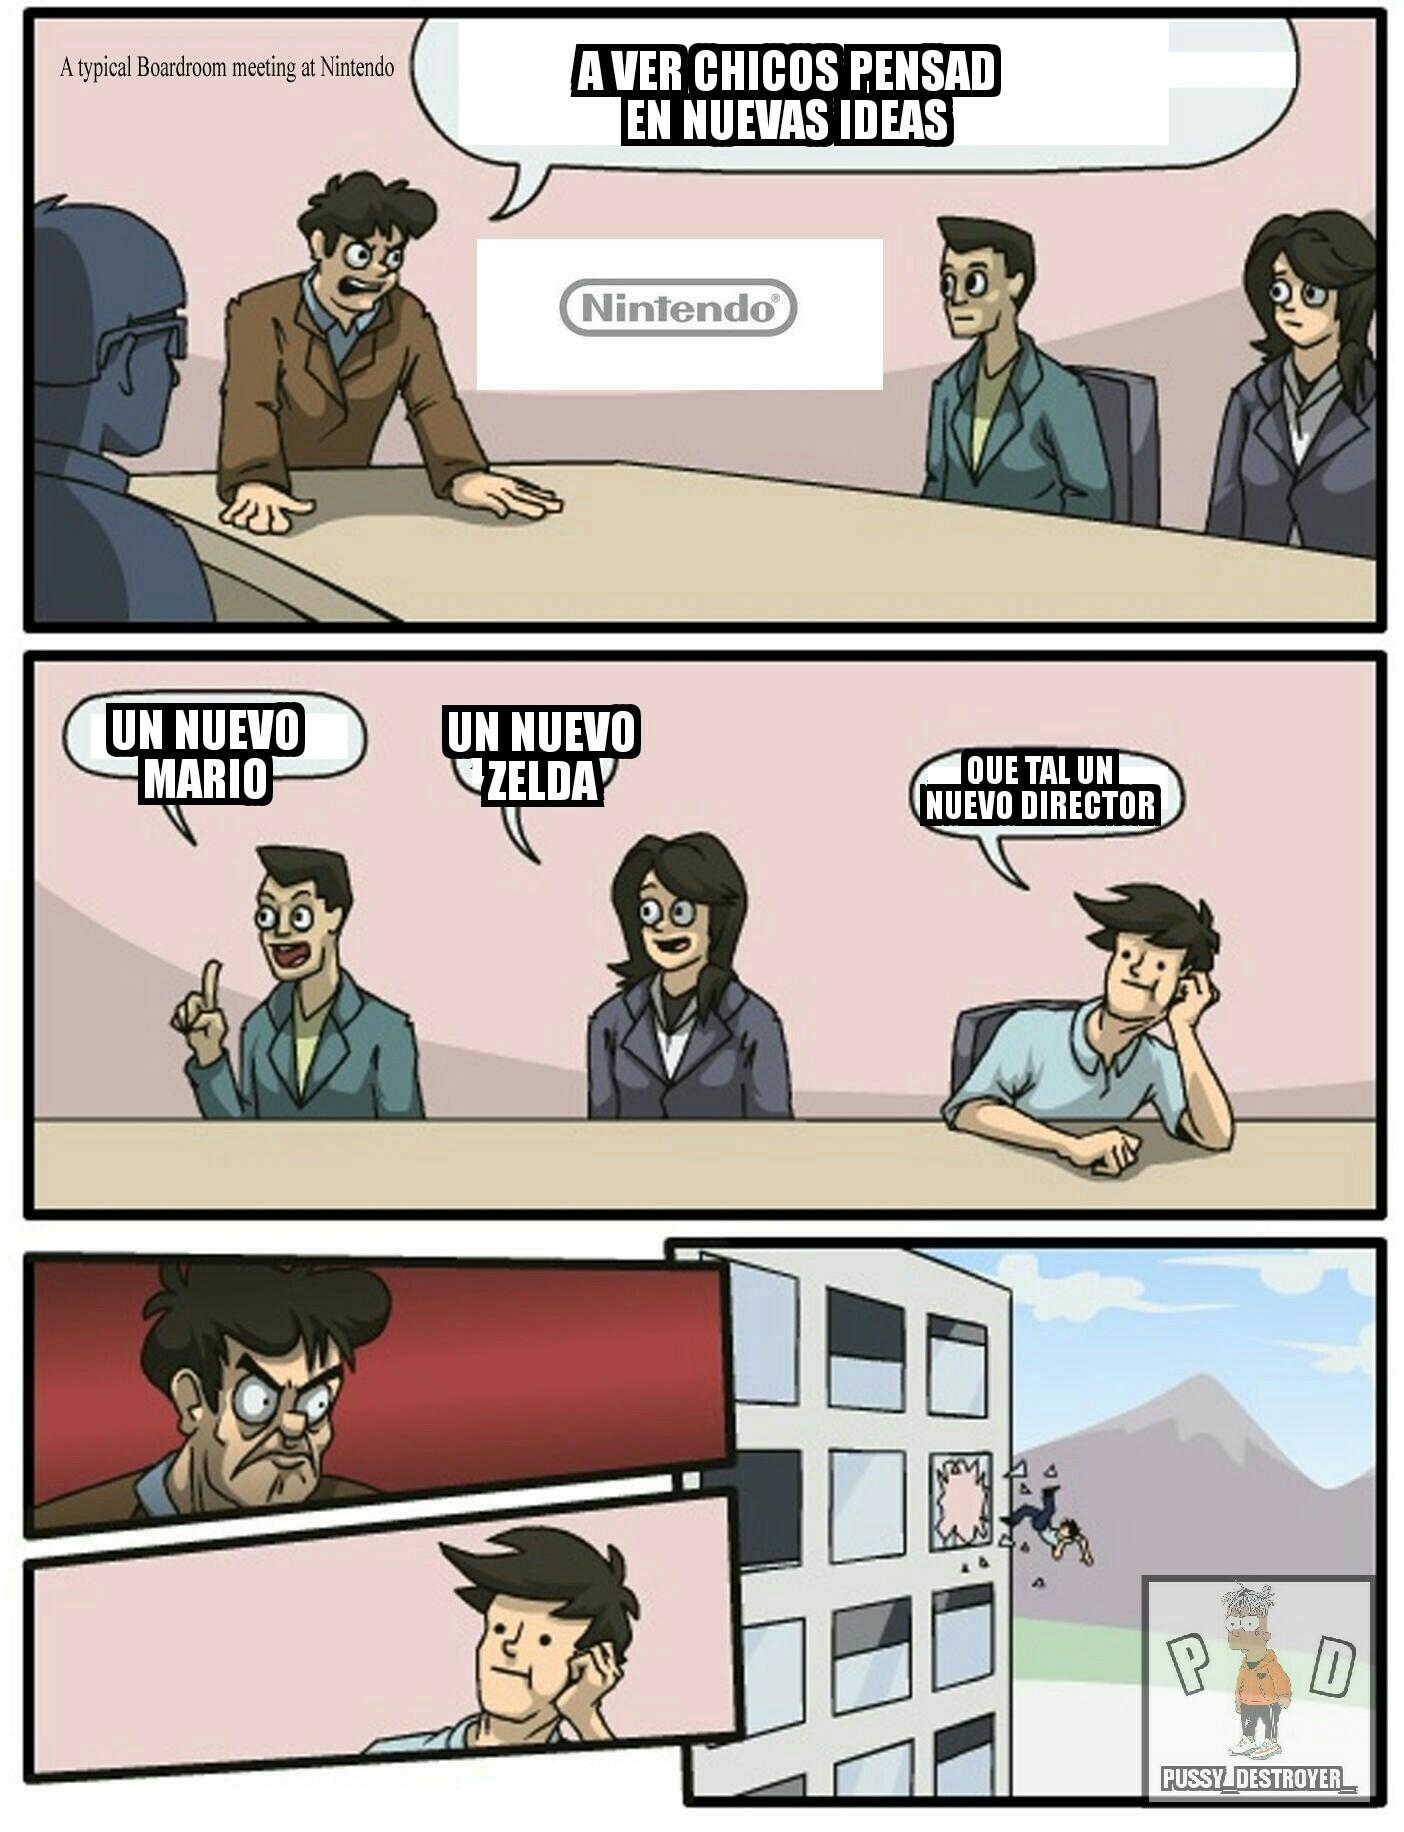 Director - meme